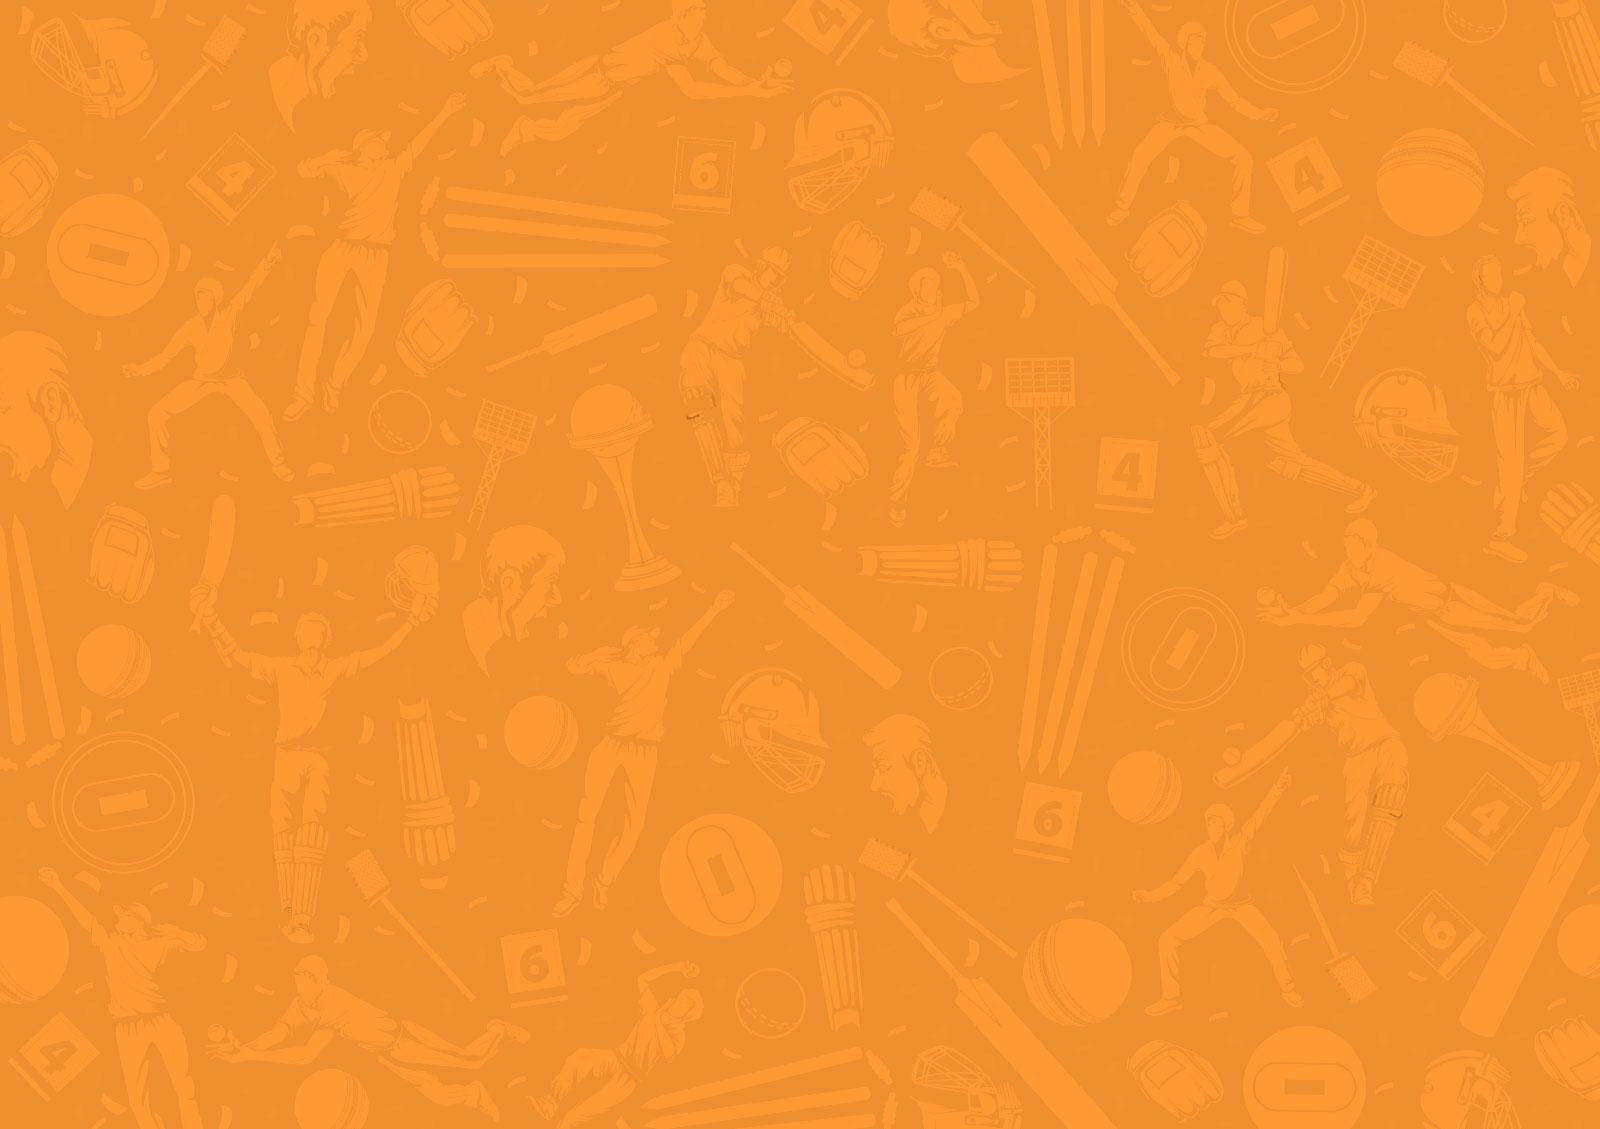 background-orange